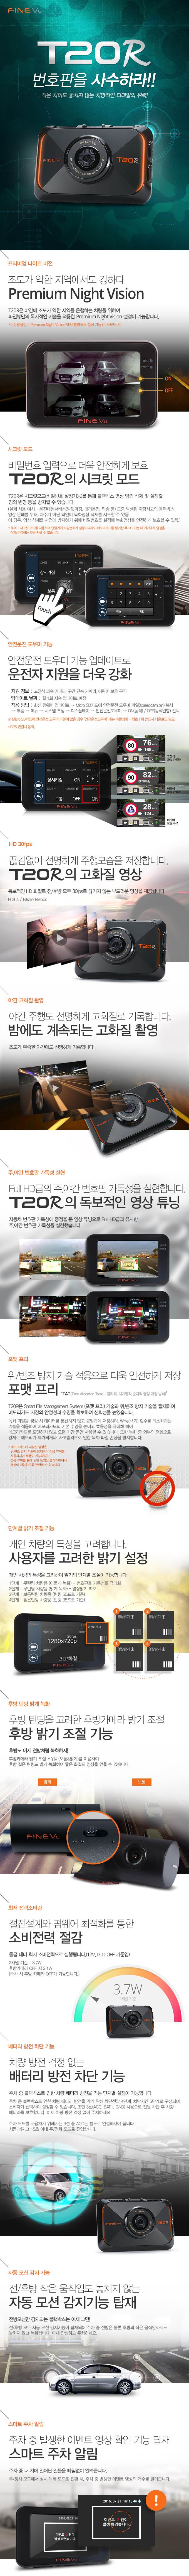 T20R_2.jpg